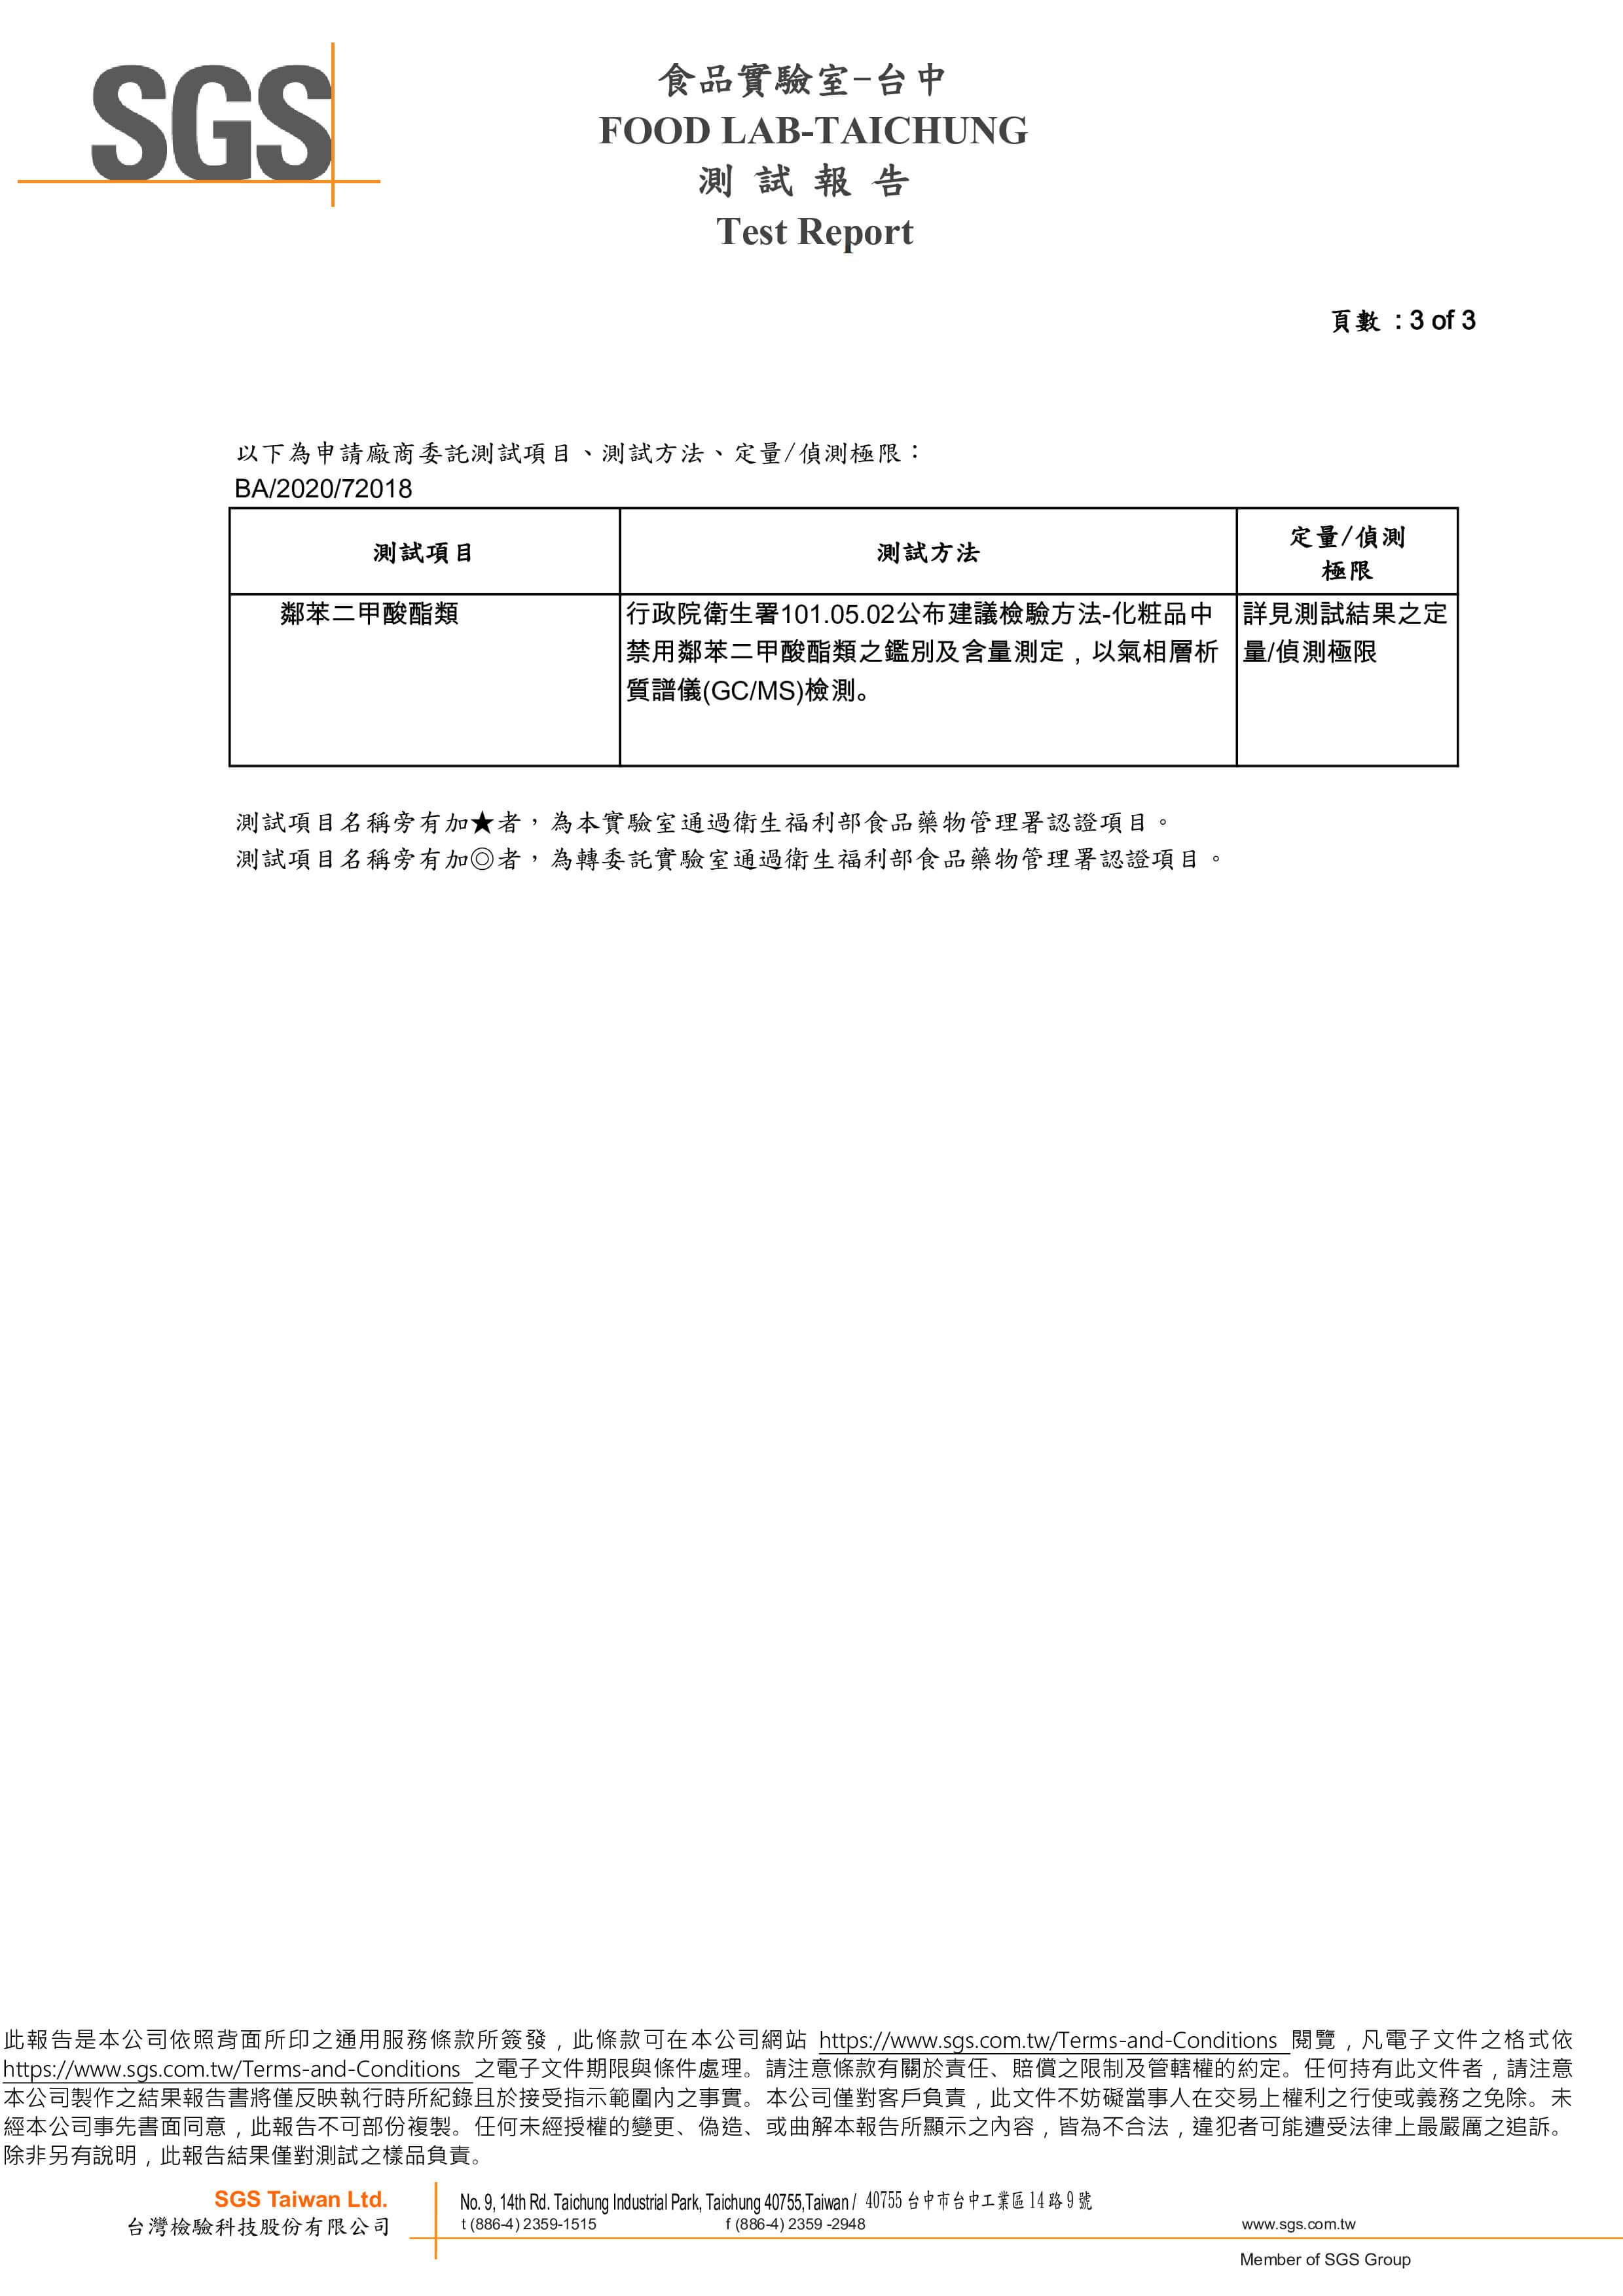 SGS檢驗報告 No.2 p3-3